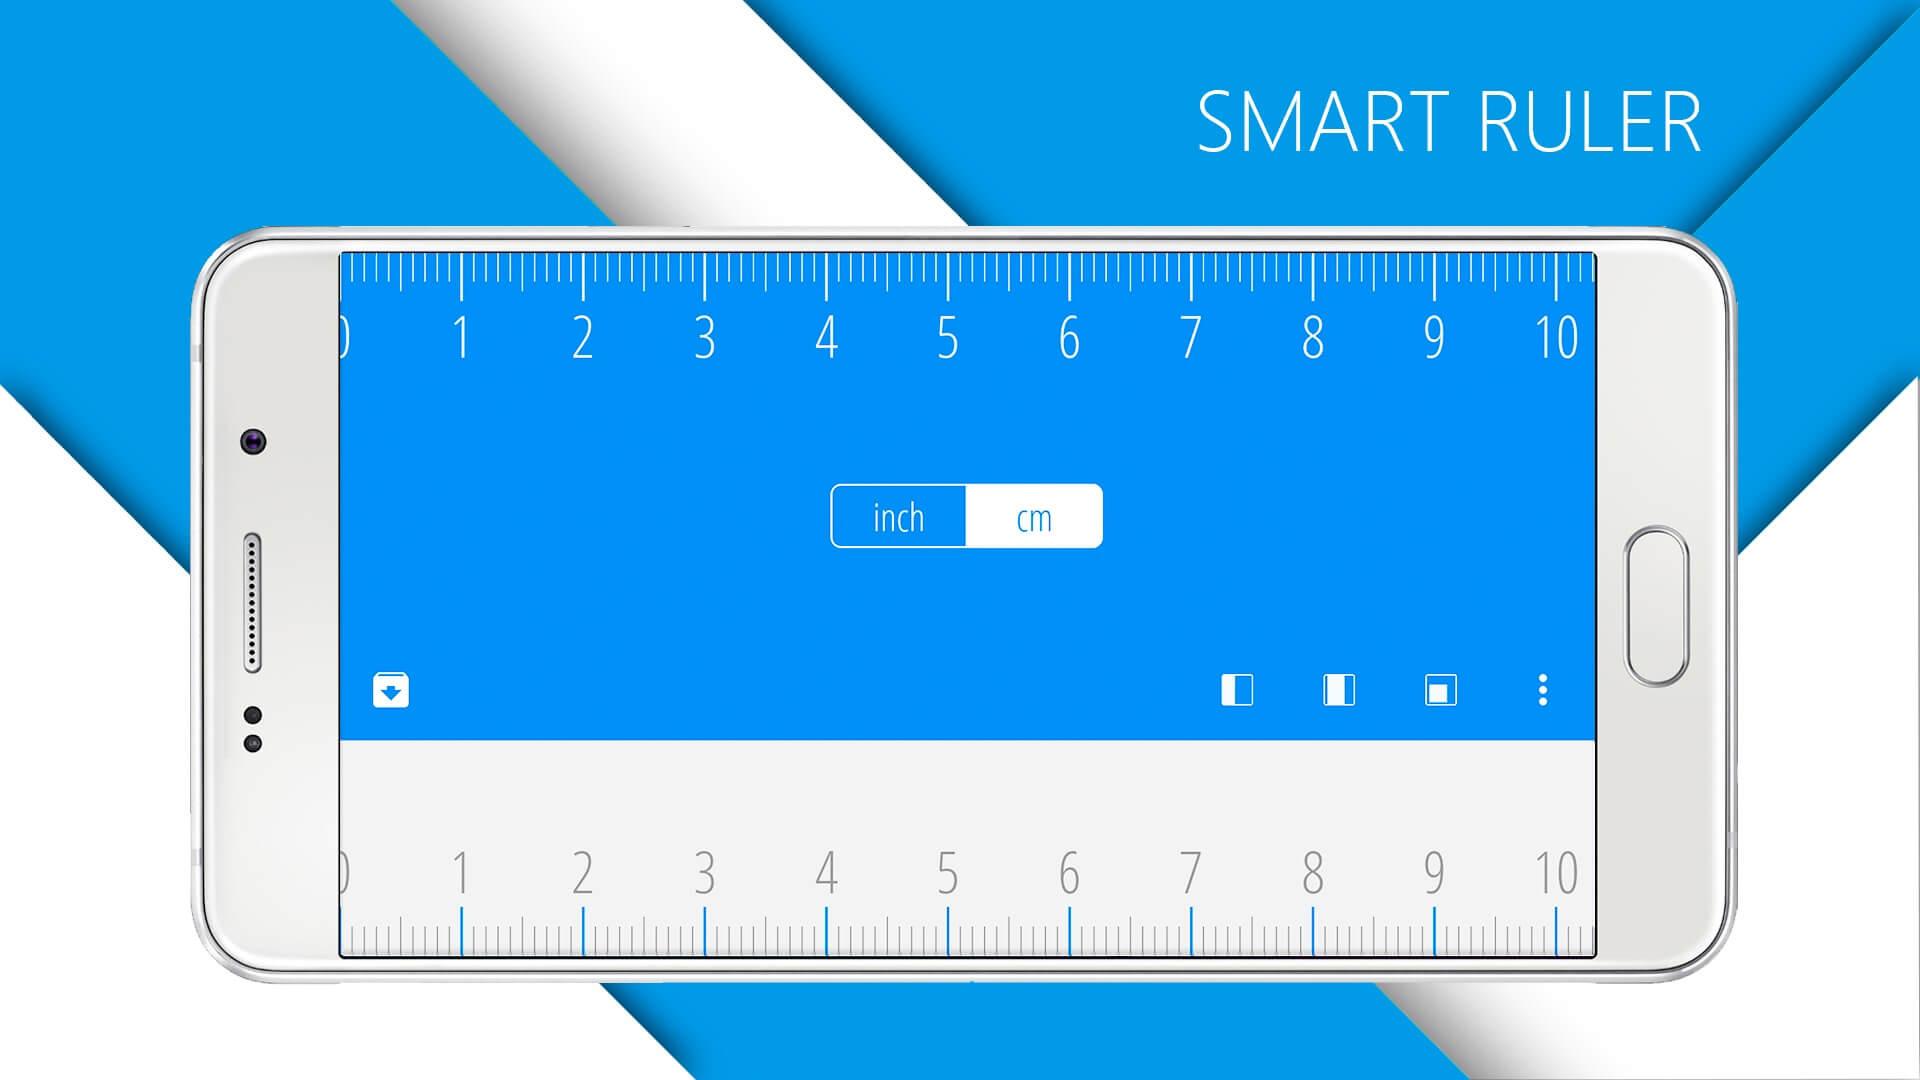 Android-ruler-mearung-app-phone la mejor aplicación de medición